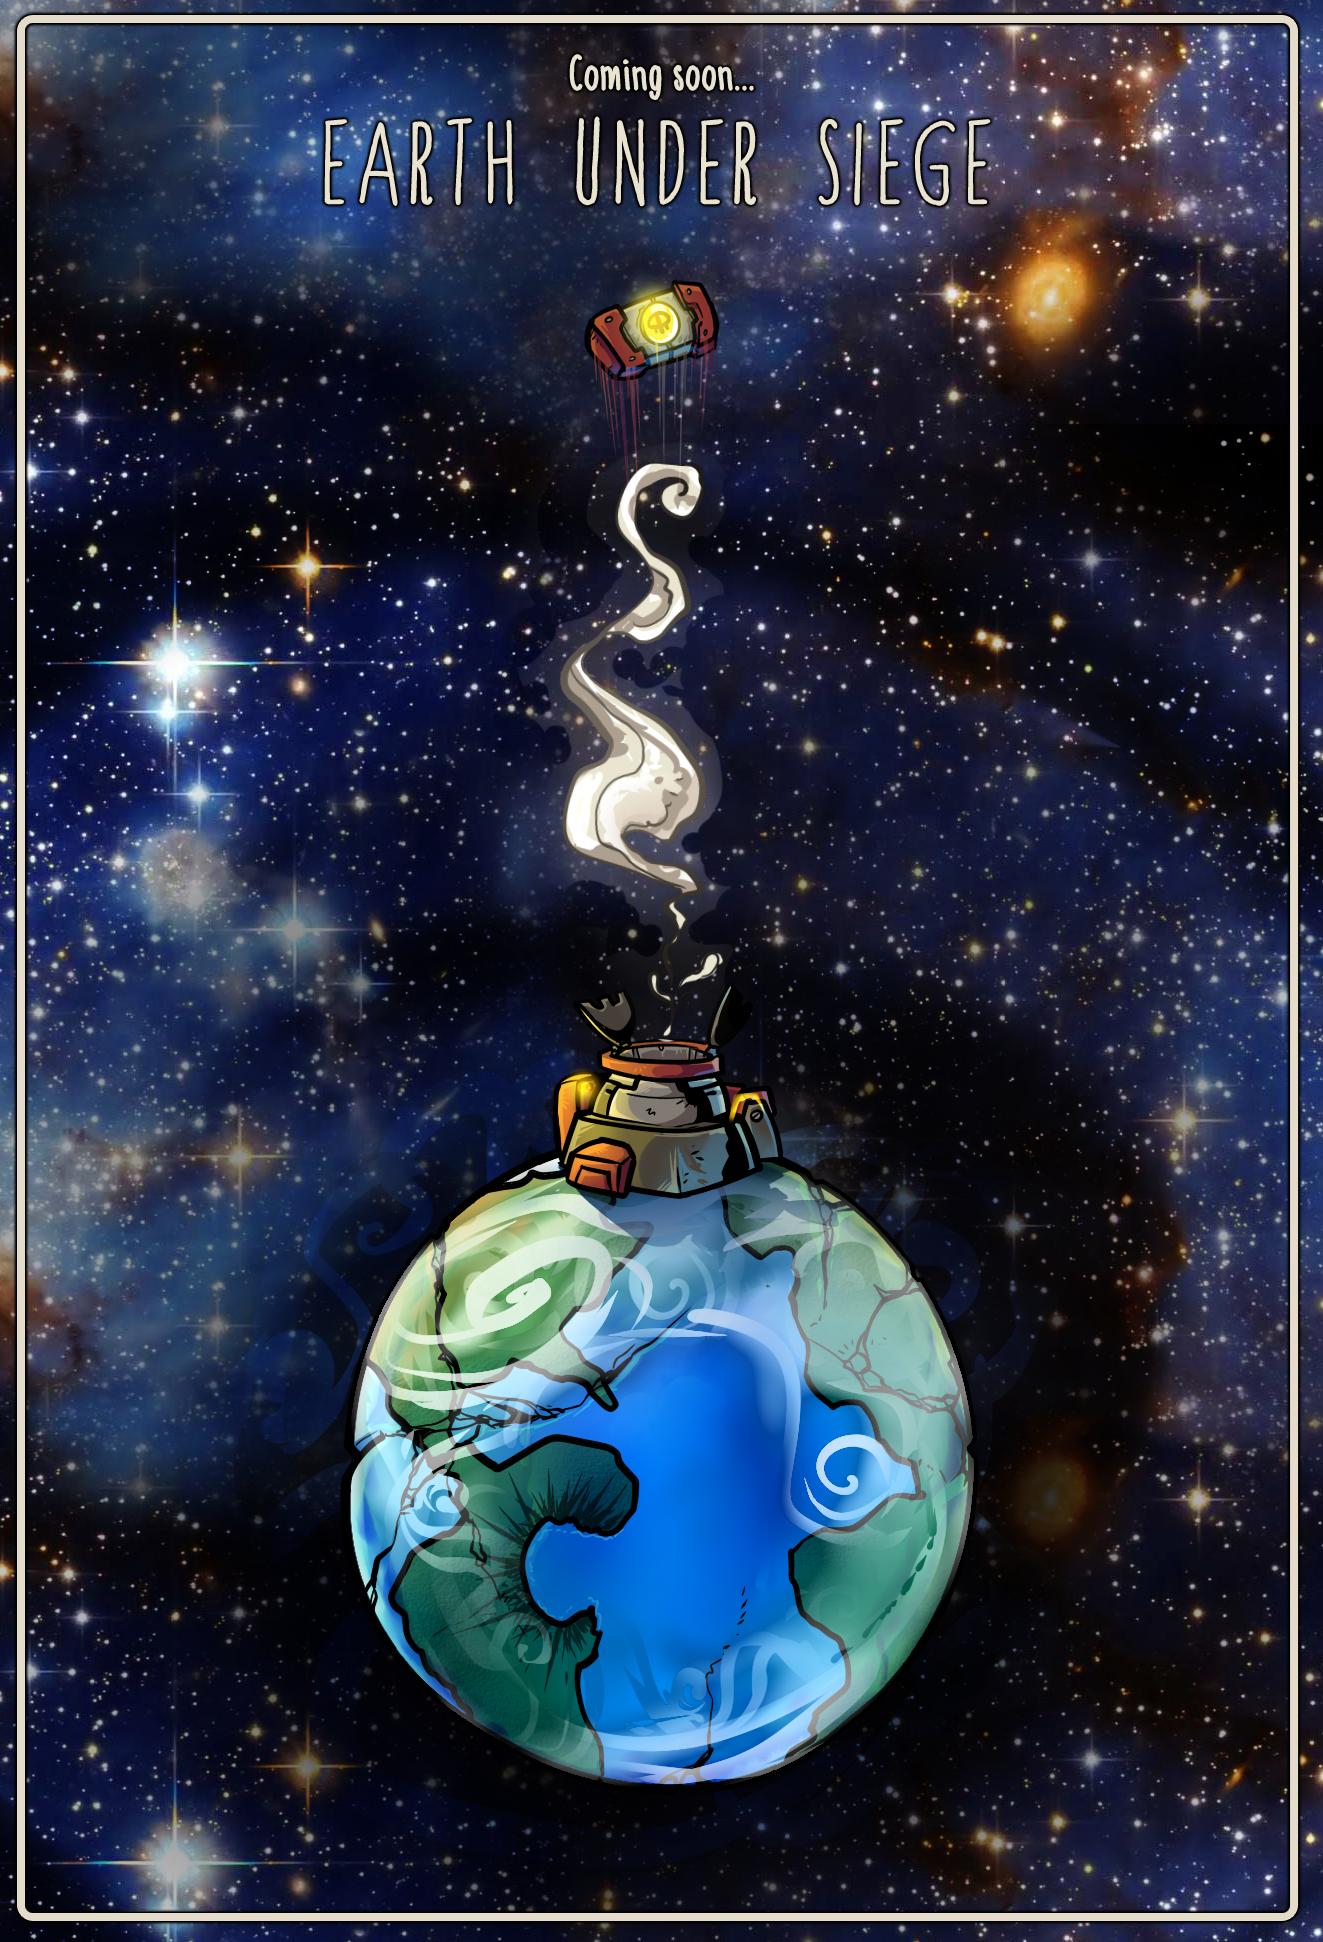 Earth Under Siege - Fanart